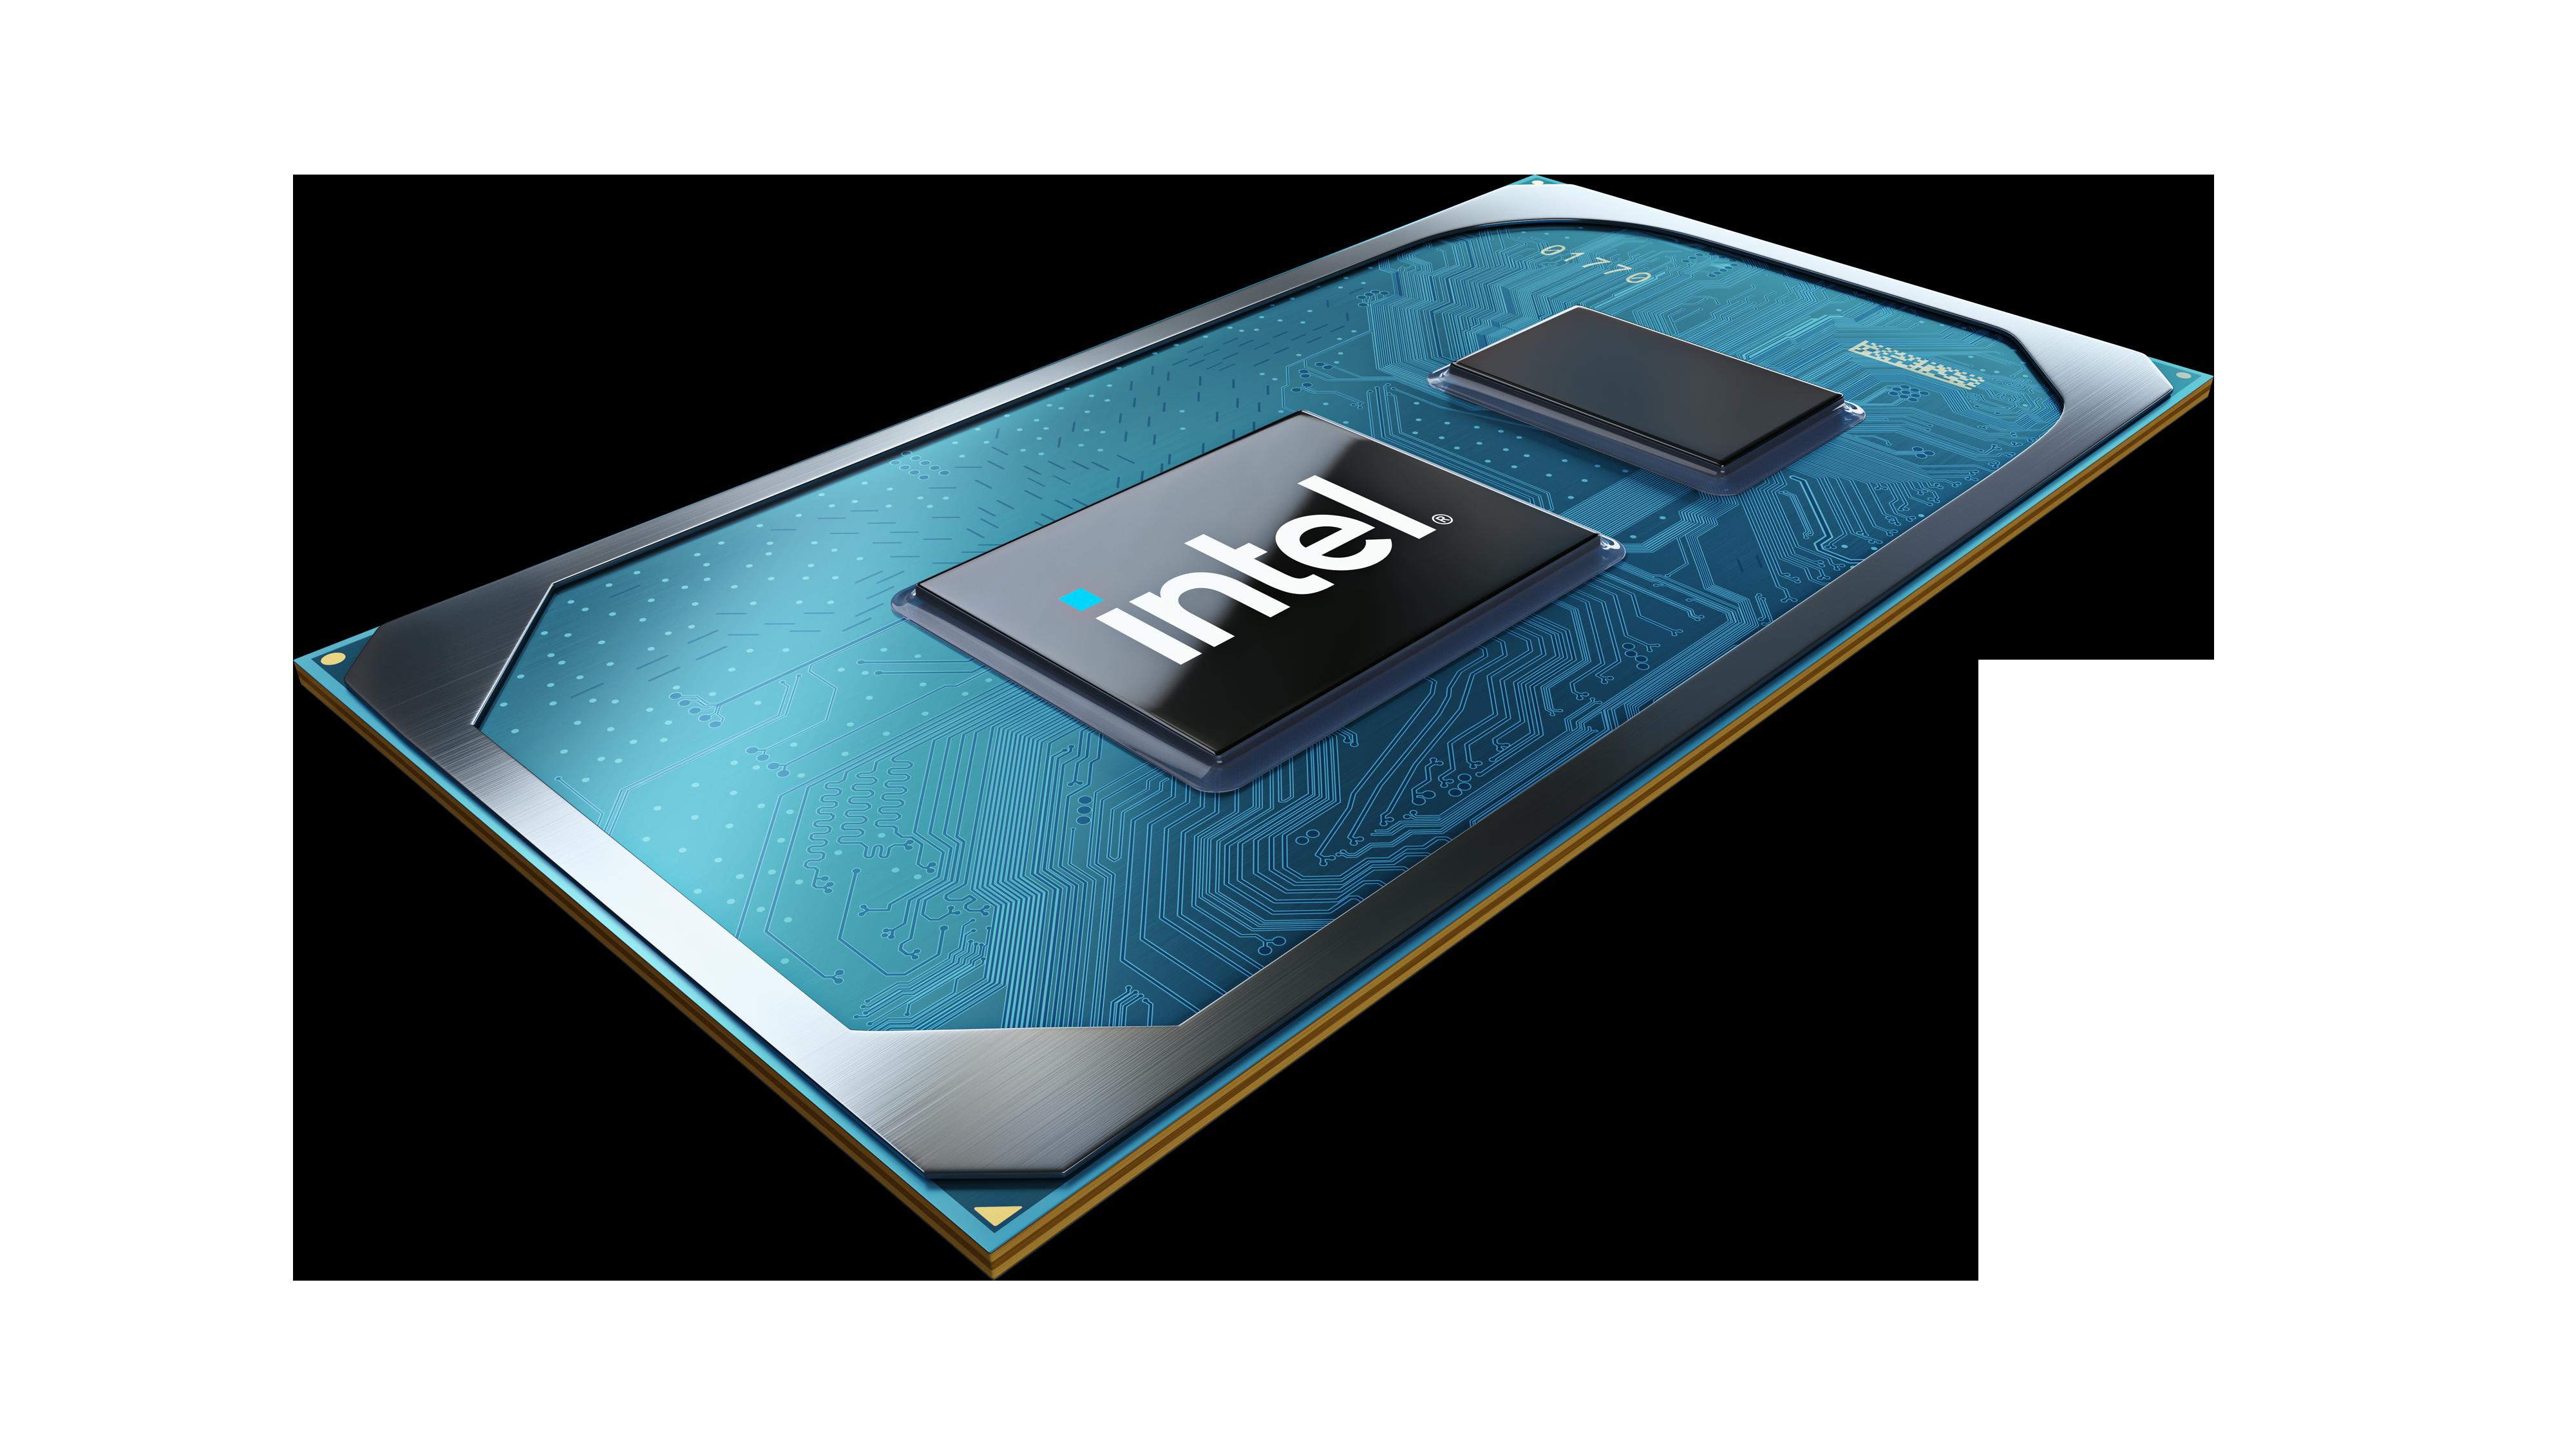 Intel cambia su logotipo y presenta su nueva generación de procesadores